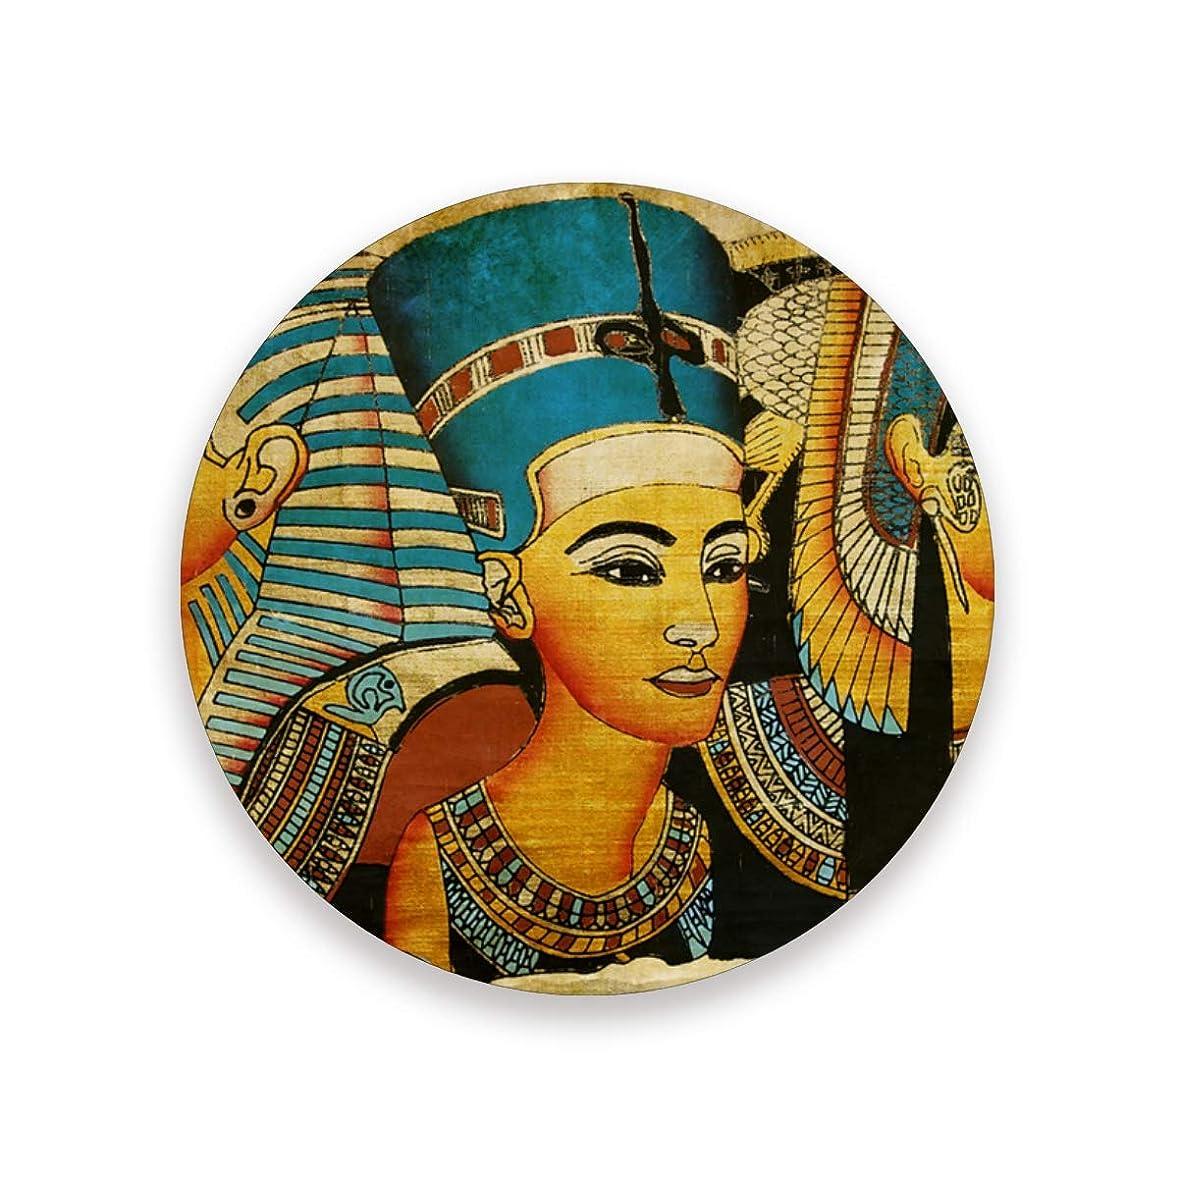 黙認する進化会社コースター おしゃれ 茶パッド 古代エジプトの羊皮紙 滑り止め エコ 速乾 抗菌 消臭 4枚セット